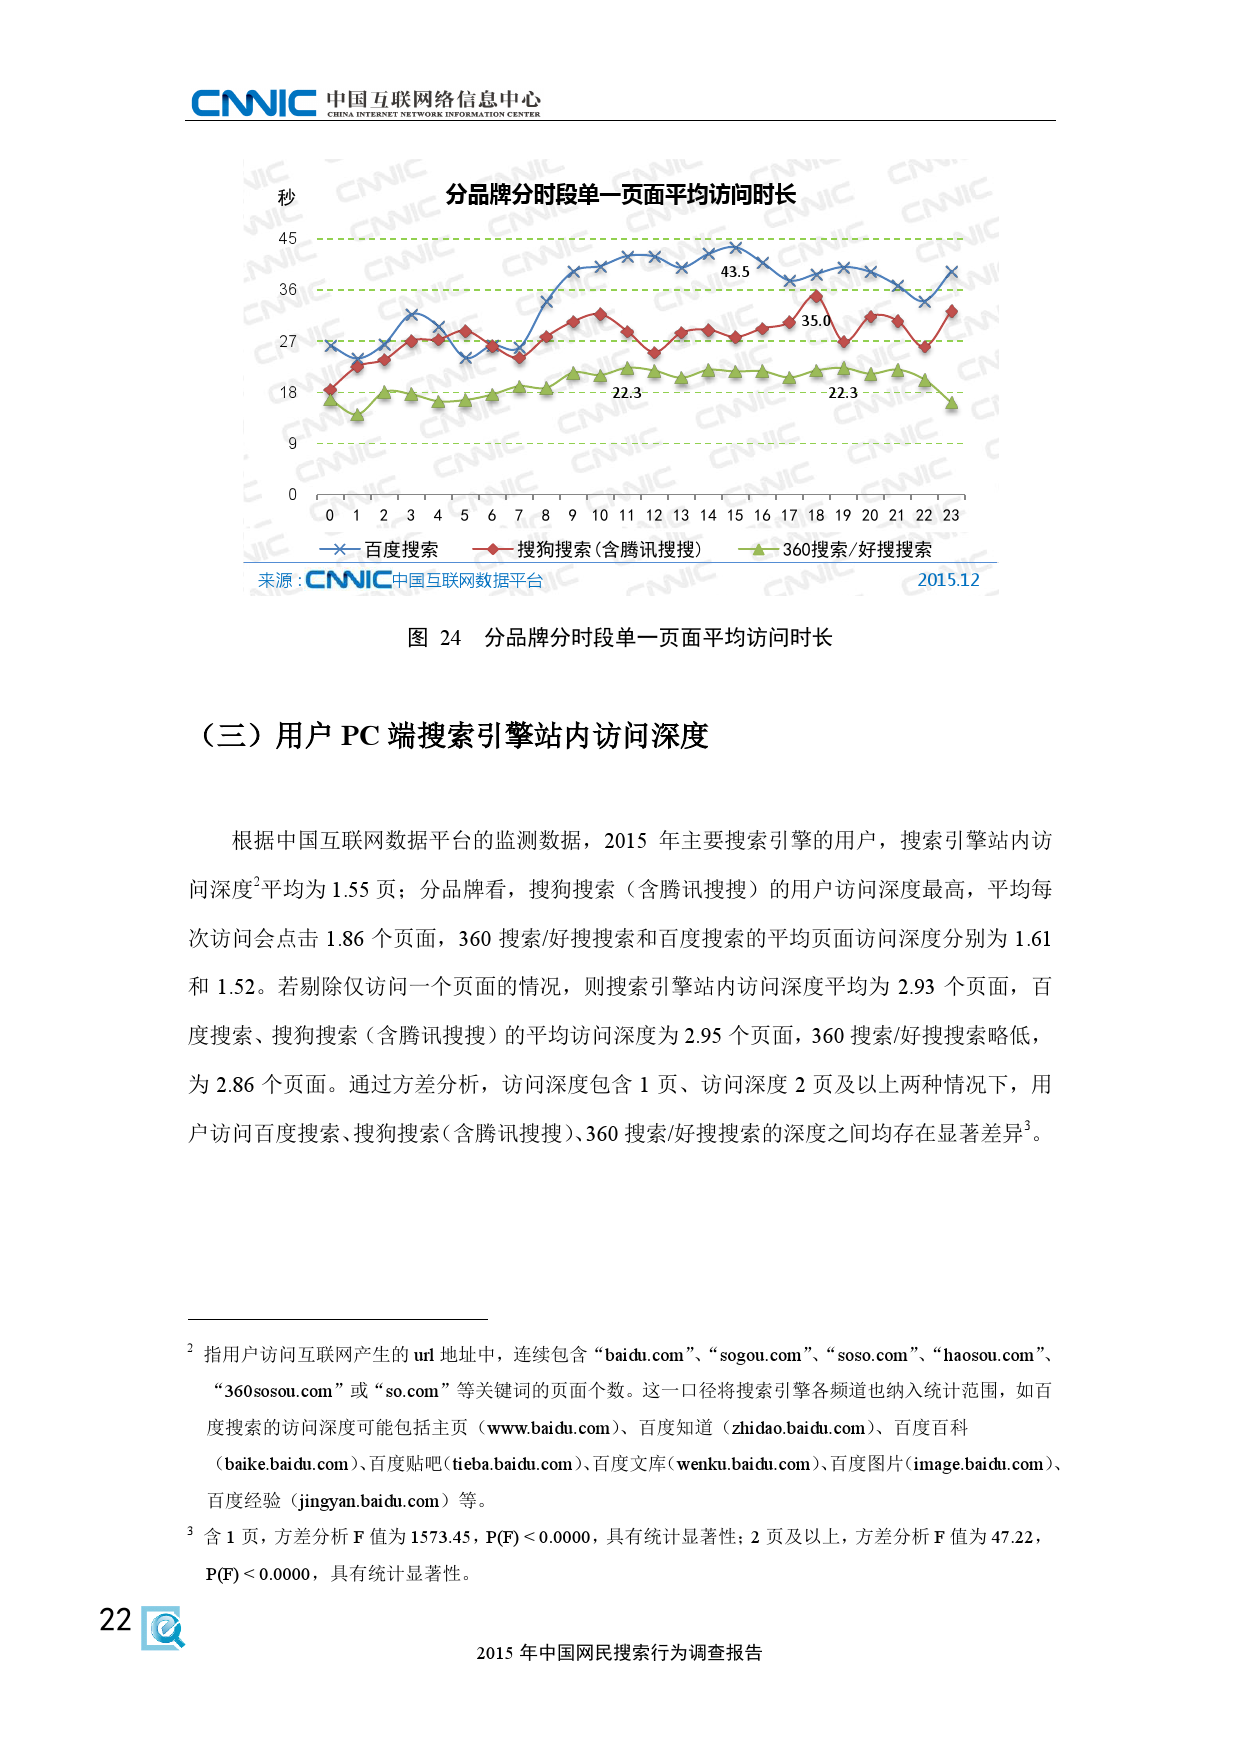 CNNIC:2015年中国网民搜索行为调查_000030